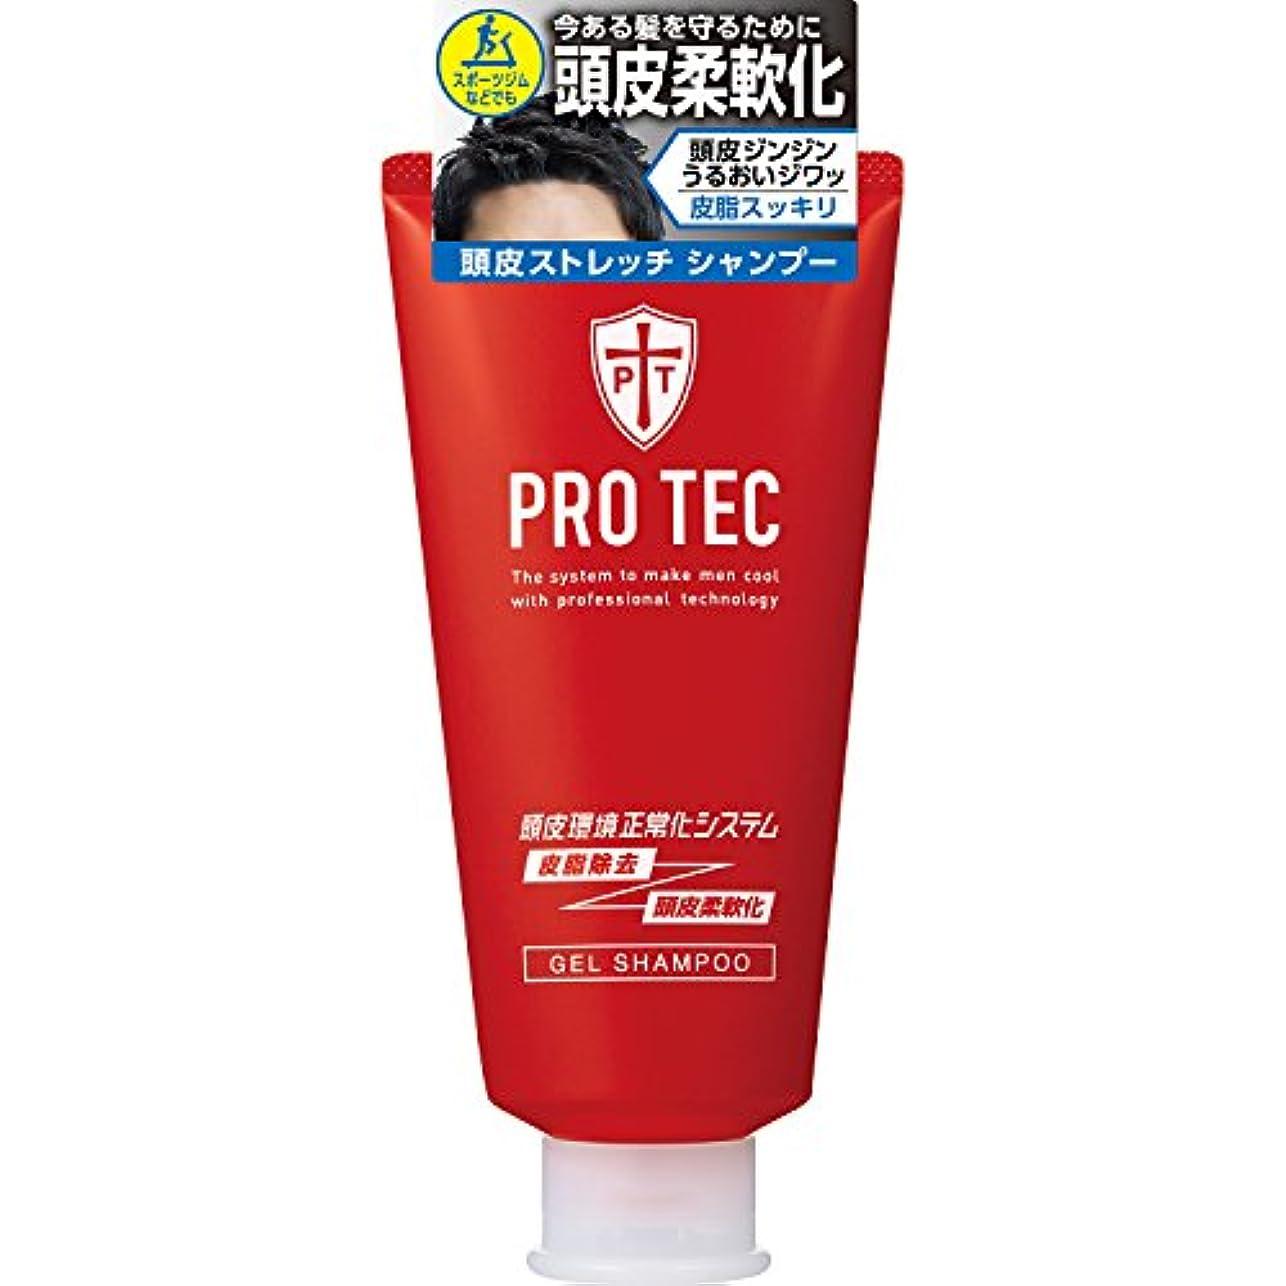 靴下伝統気体のPRO TEC(プロテク) 頭皮ストレッチ シャンプー チューブ 150g(医薬部外品)